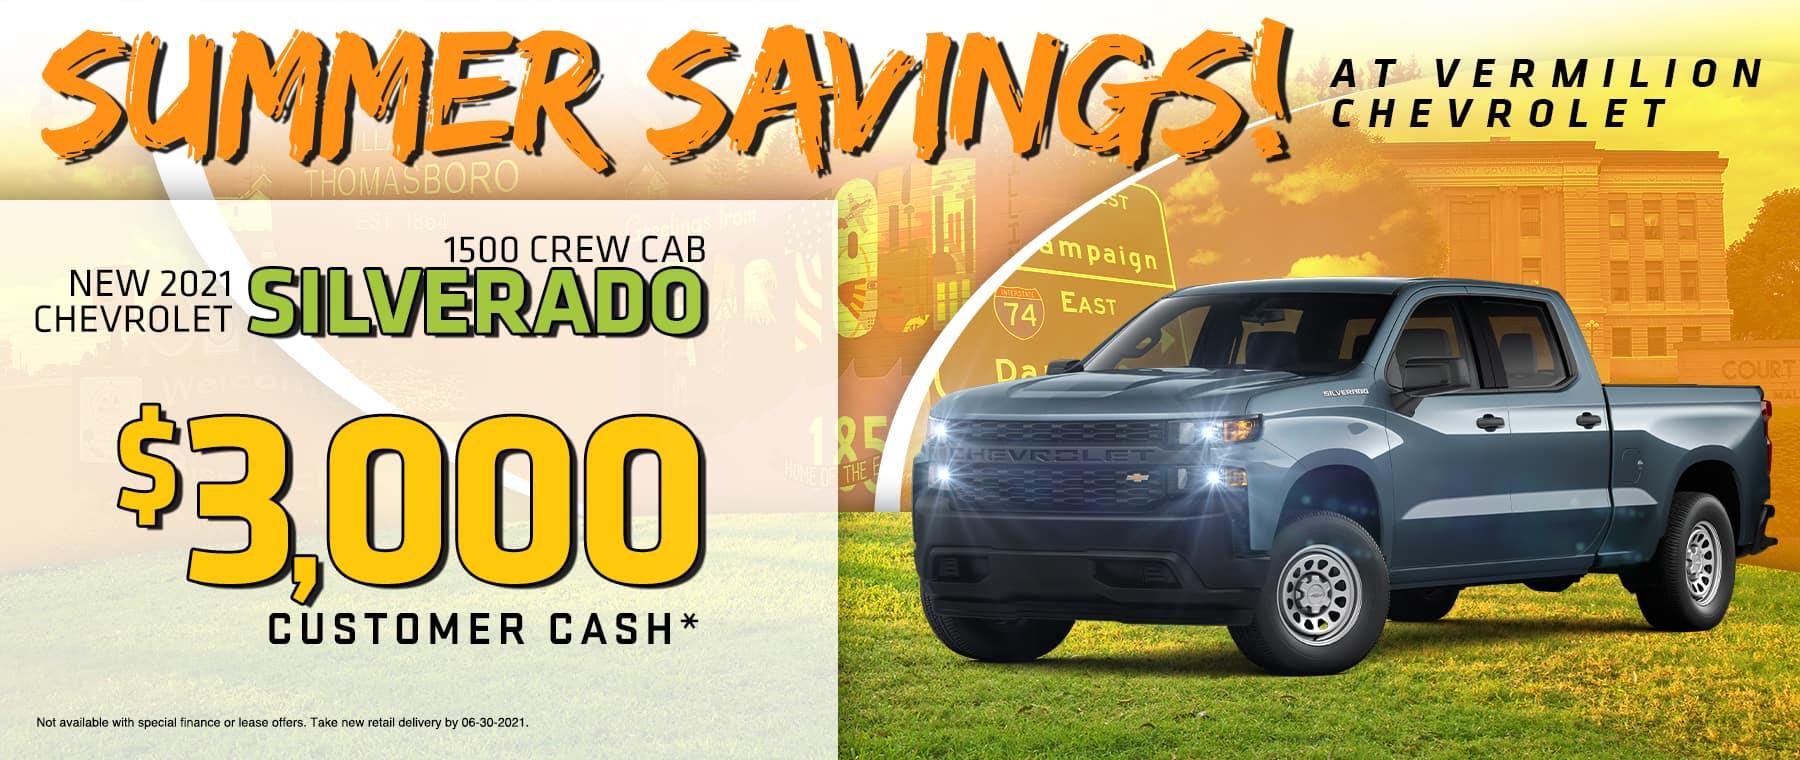 2021 CHEVROLET SILVERADO 1500 CREW CAB$3,000 CUSTOMER CASH*